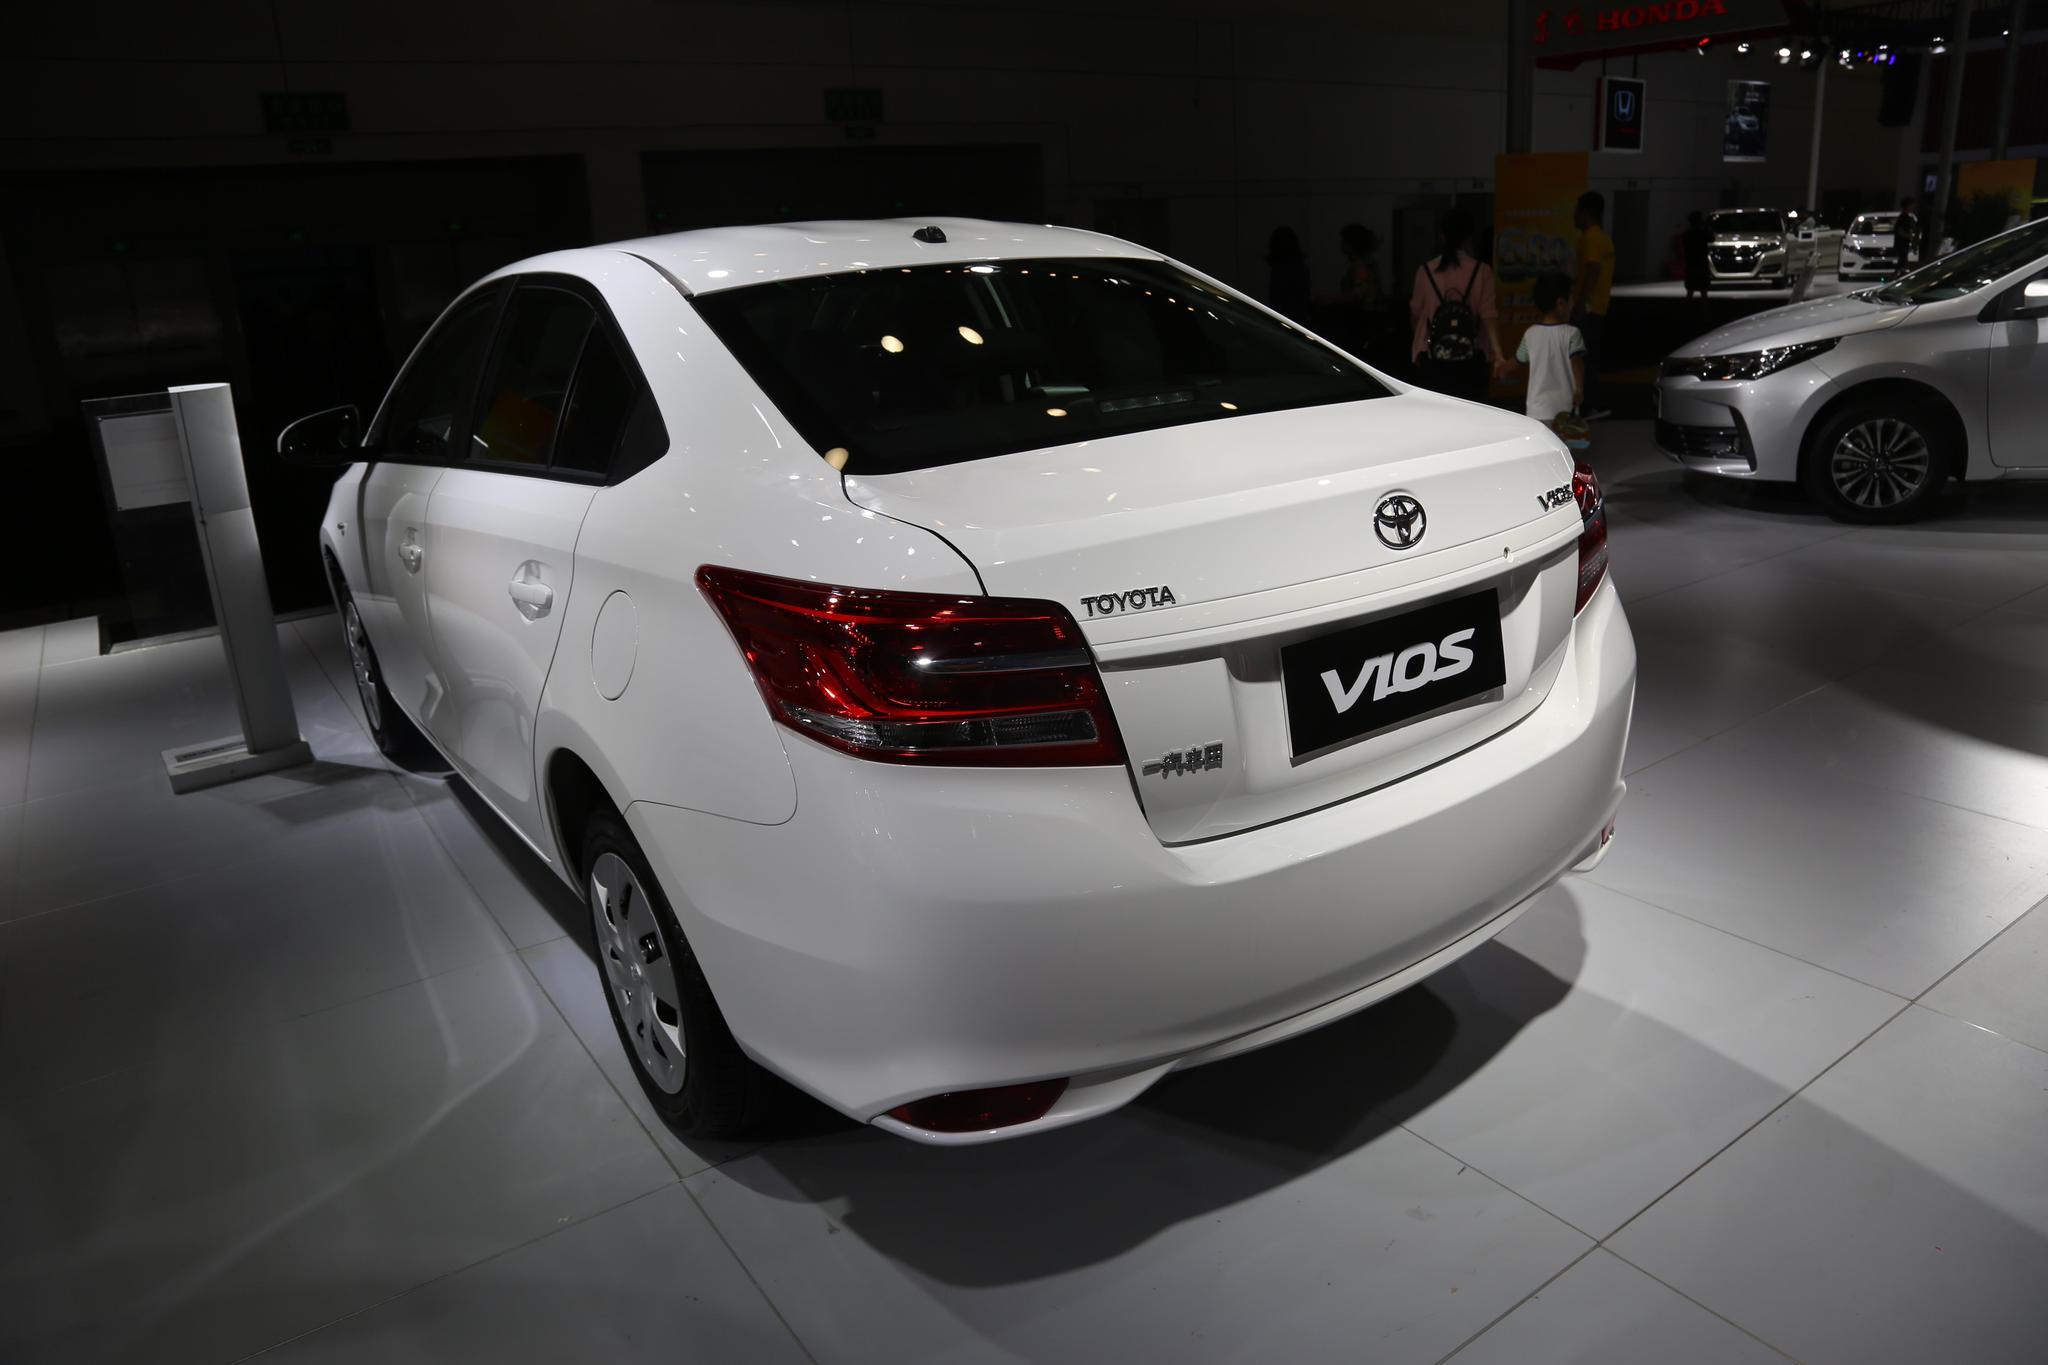 7万左右的预算,除了丰田威驰,这款国产车或许就很合适图片